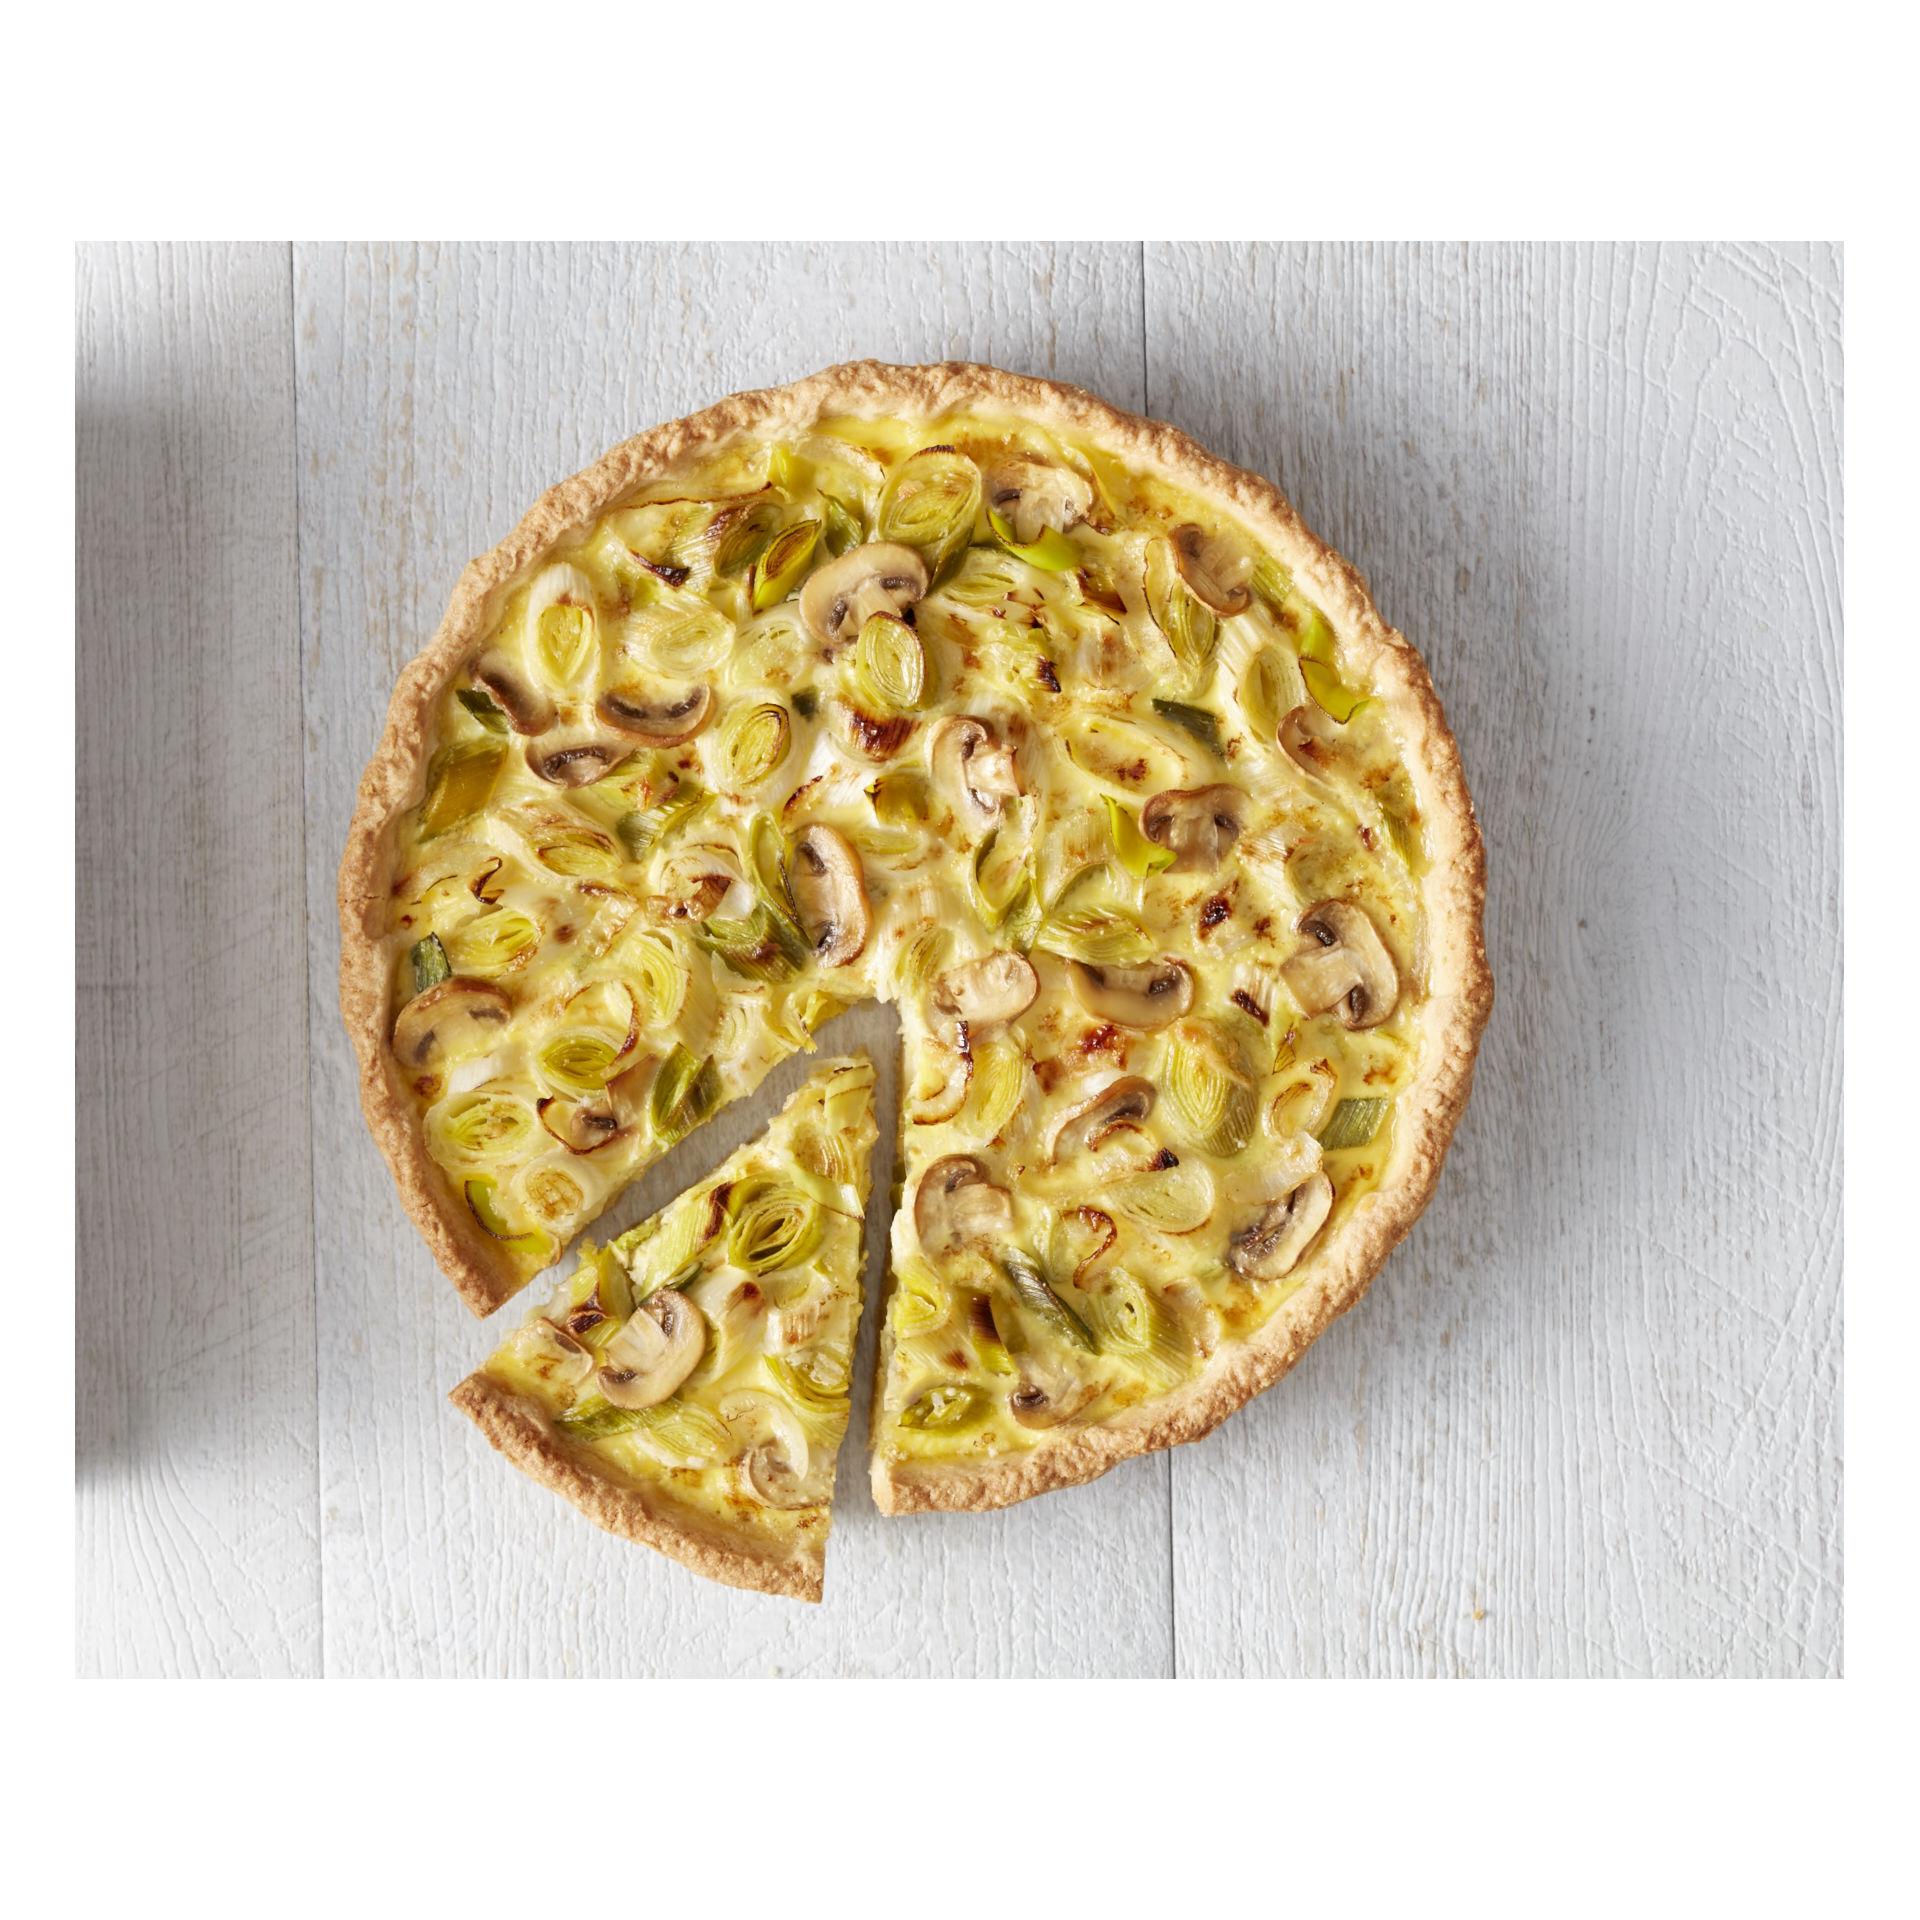 Mes Astuces Légumes pour Tartes : Poireaux, Oignons et Champignons